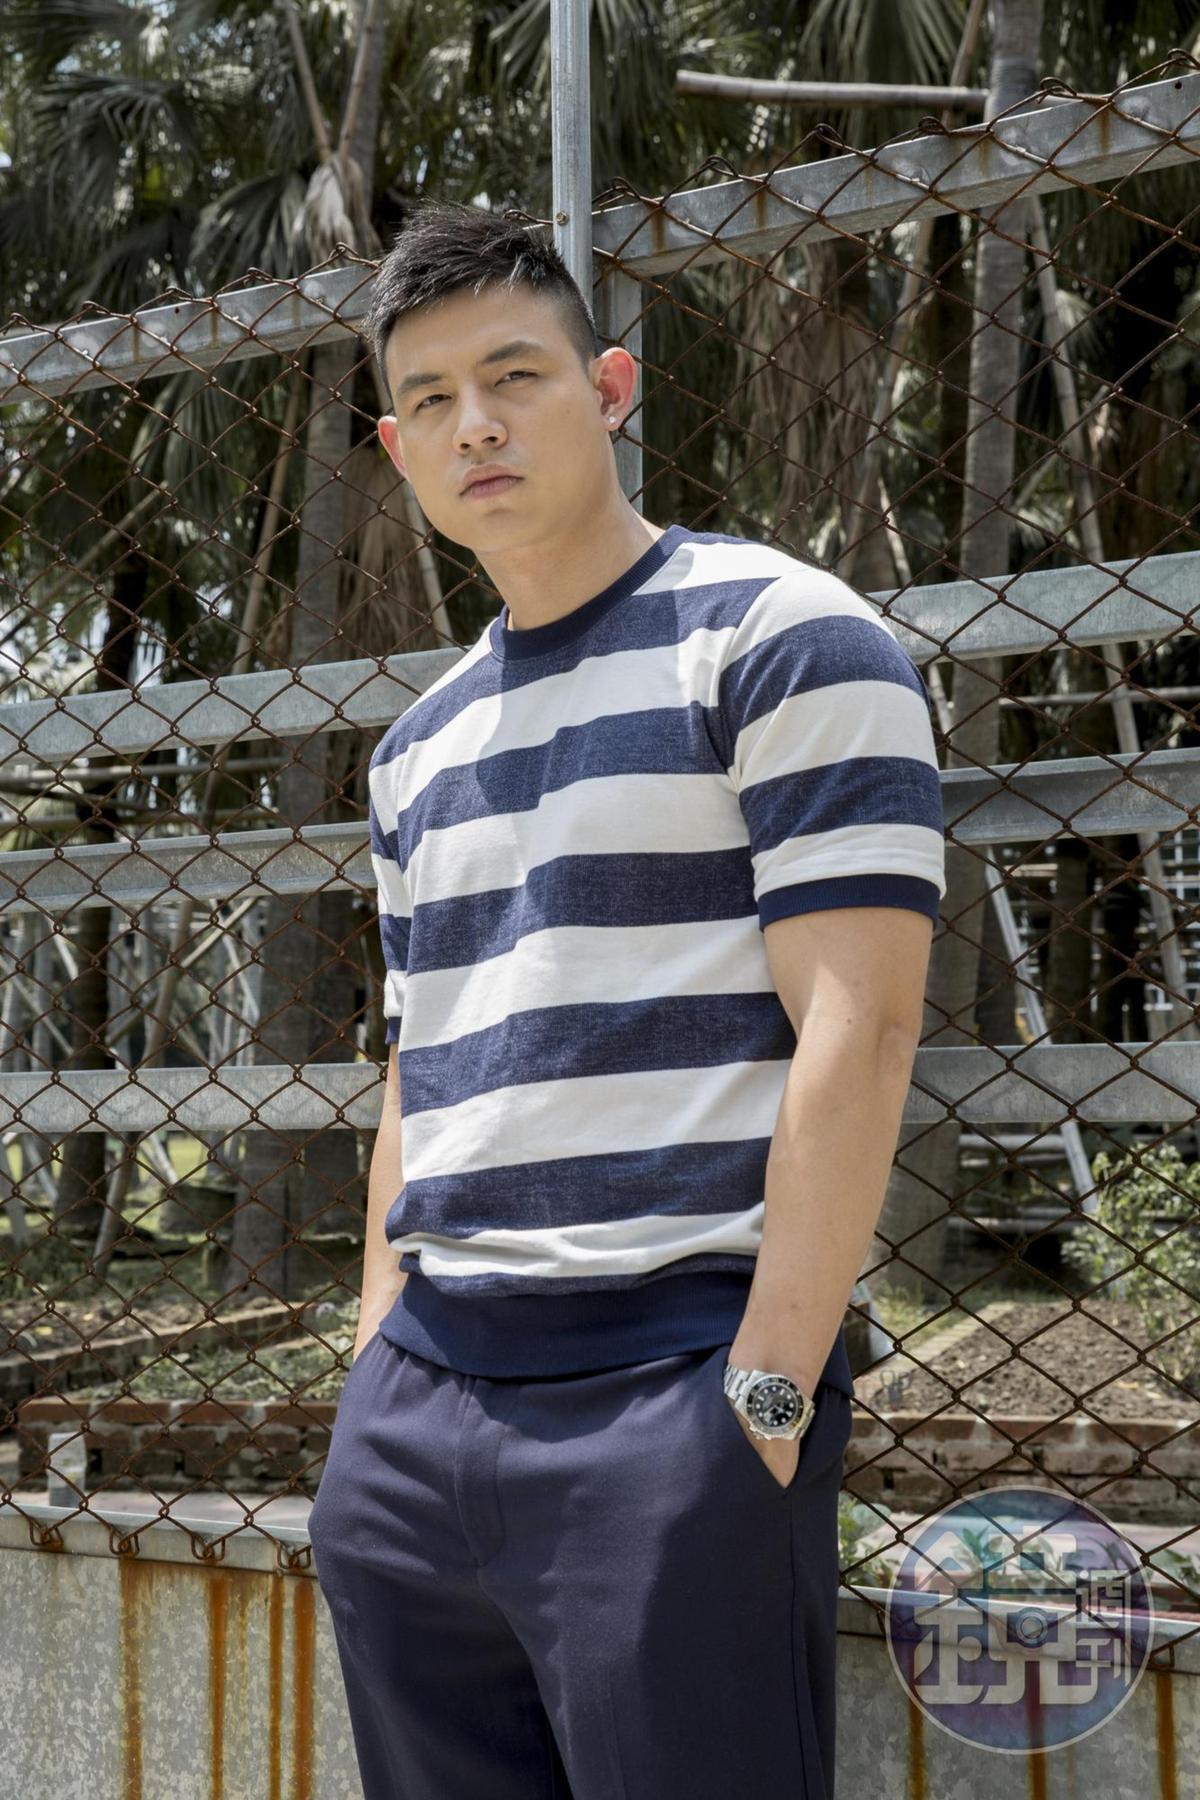 趙勁皓2012年因成為知名服裝品牌A & F香港分店開幕模特兒,當年只是抱著見識去玩,誰知意外打開演藝之門。